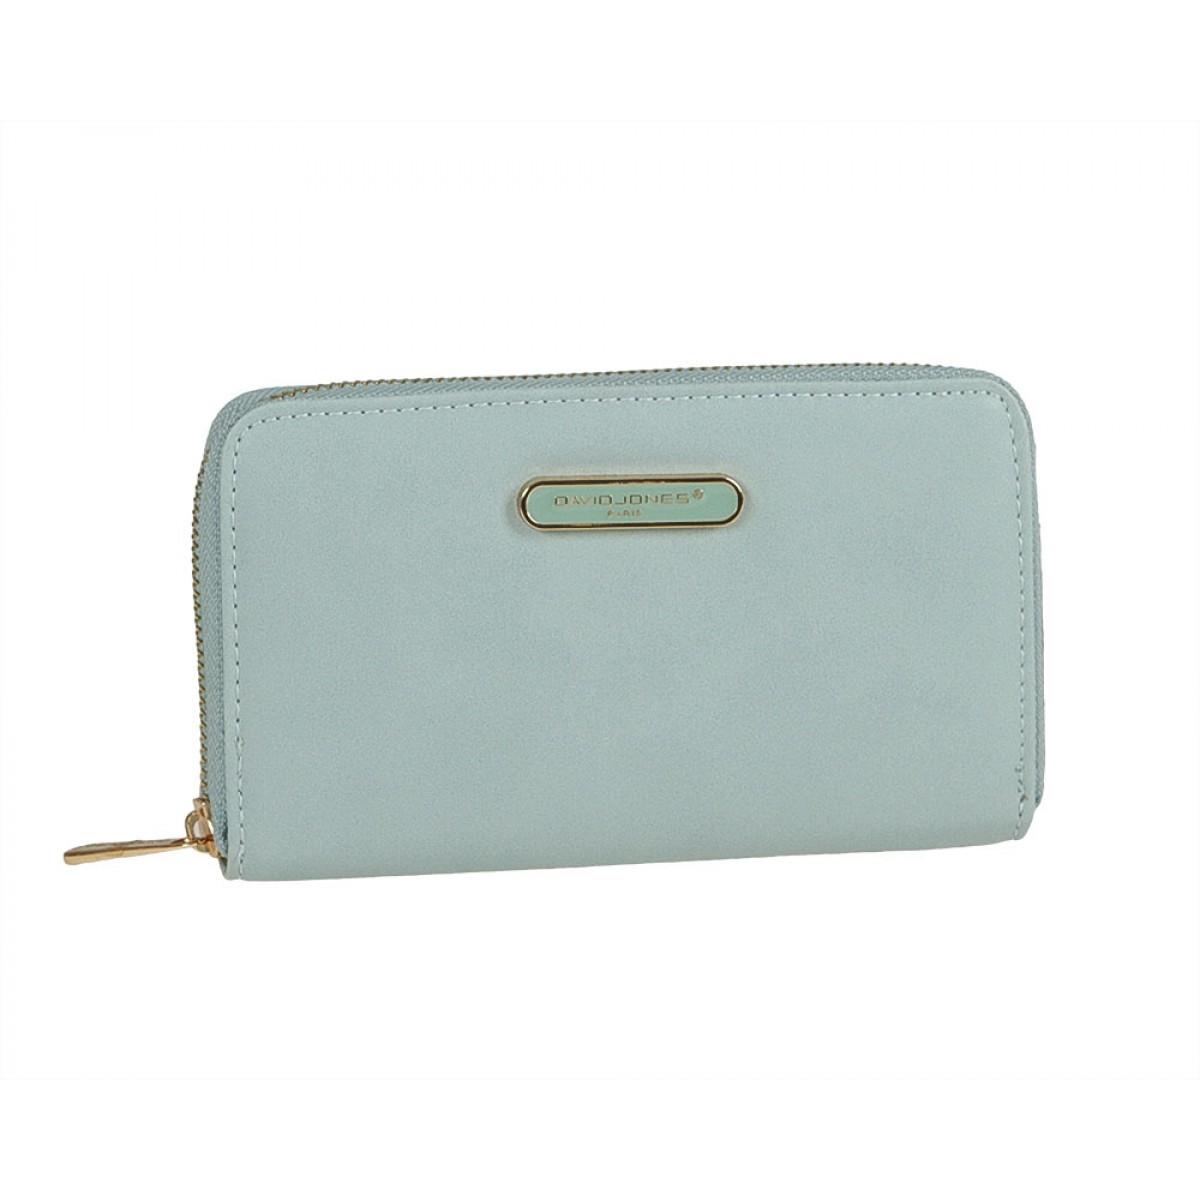 Жіночий гаманець David Jones P030-610 PALE BLUE